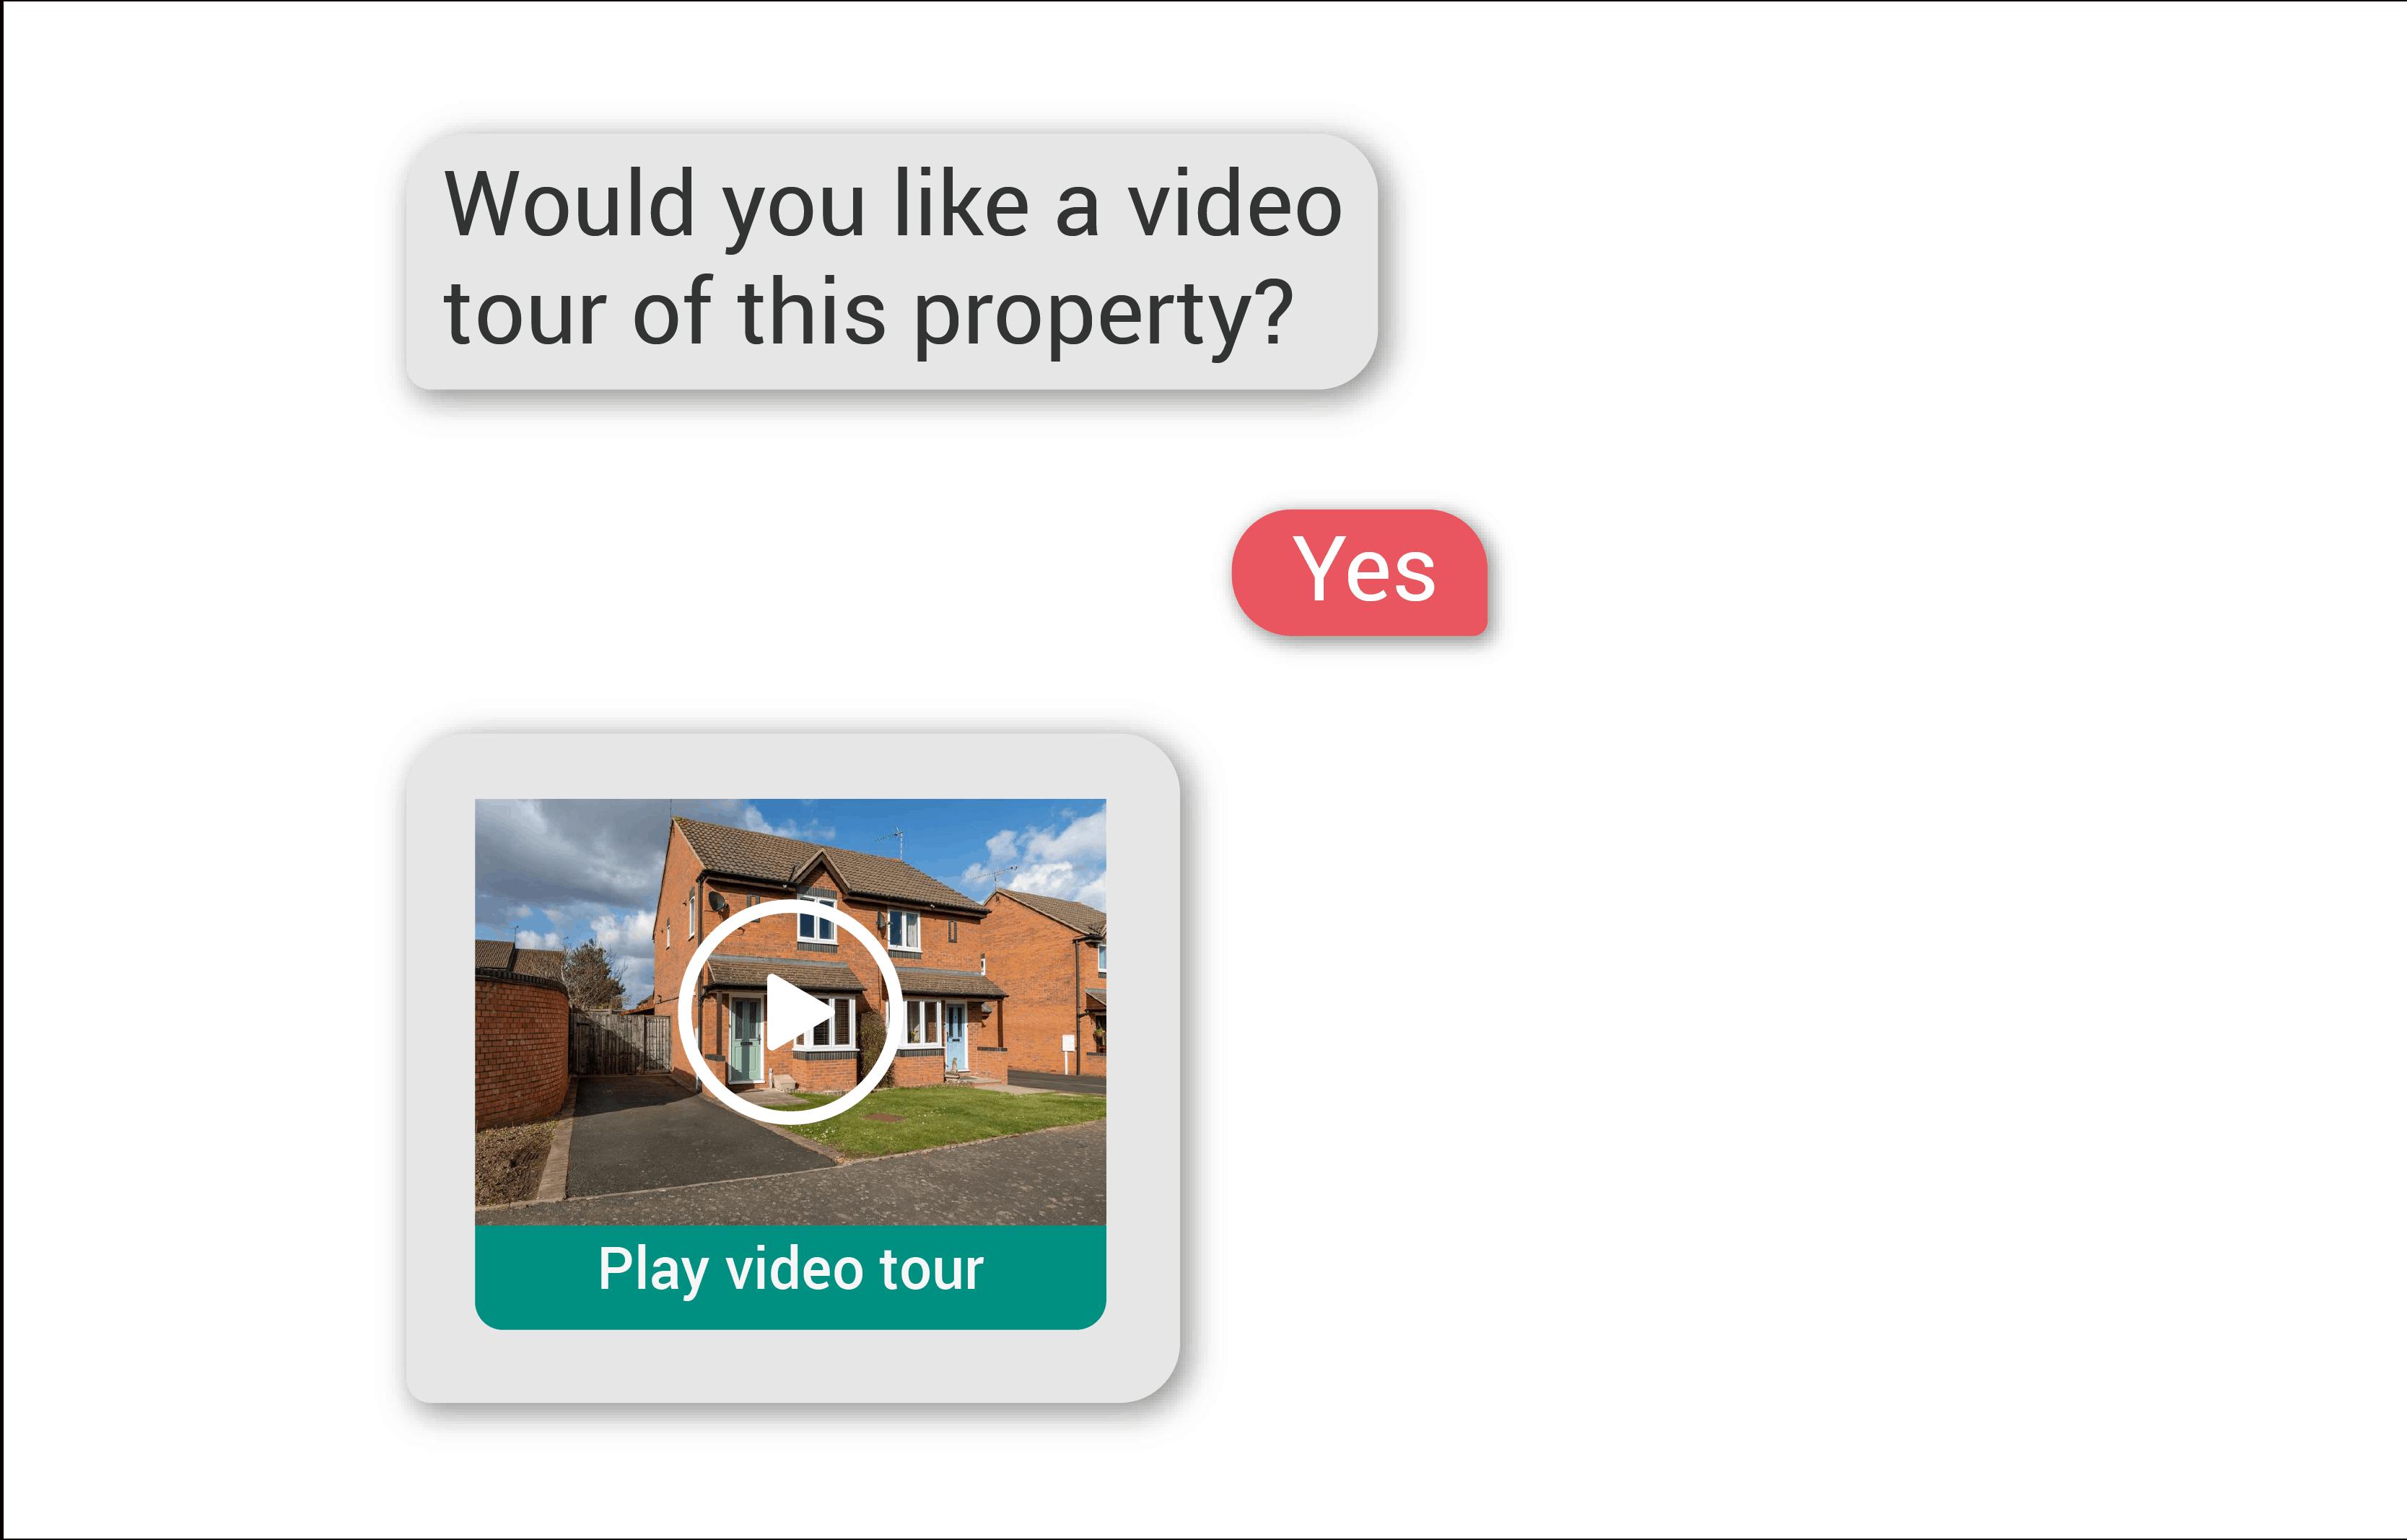 Property sales: AI video tour prompt